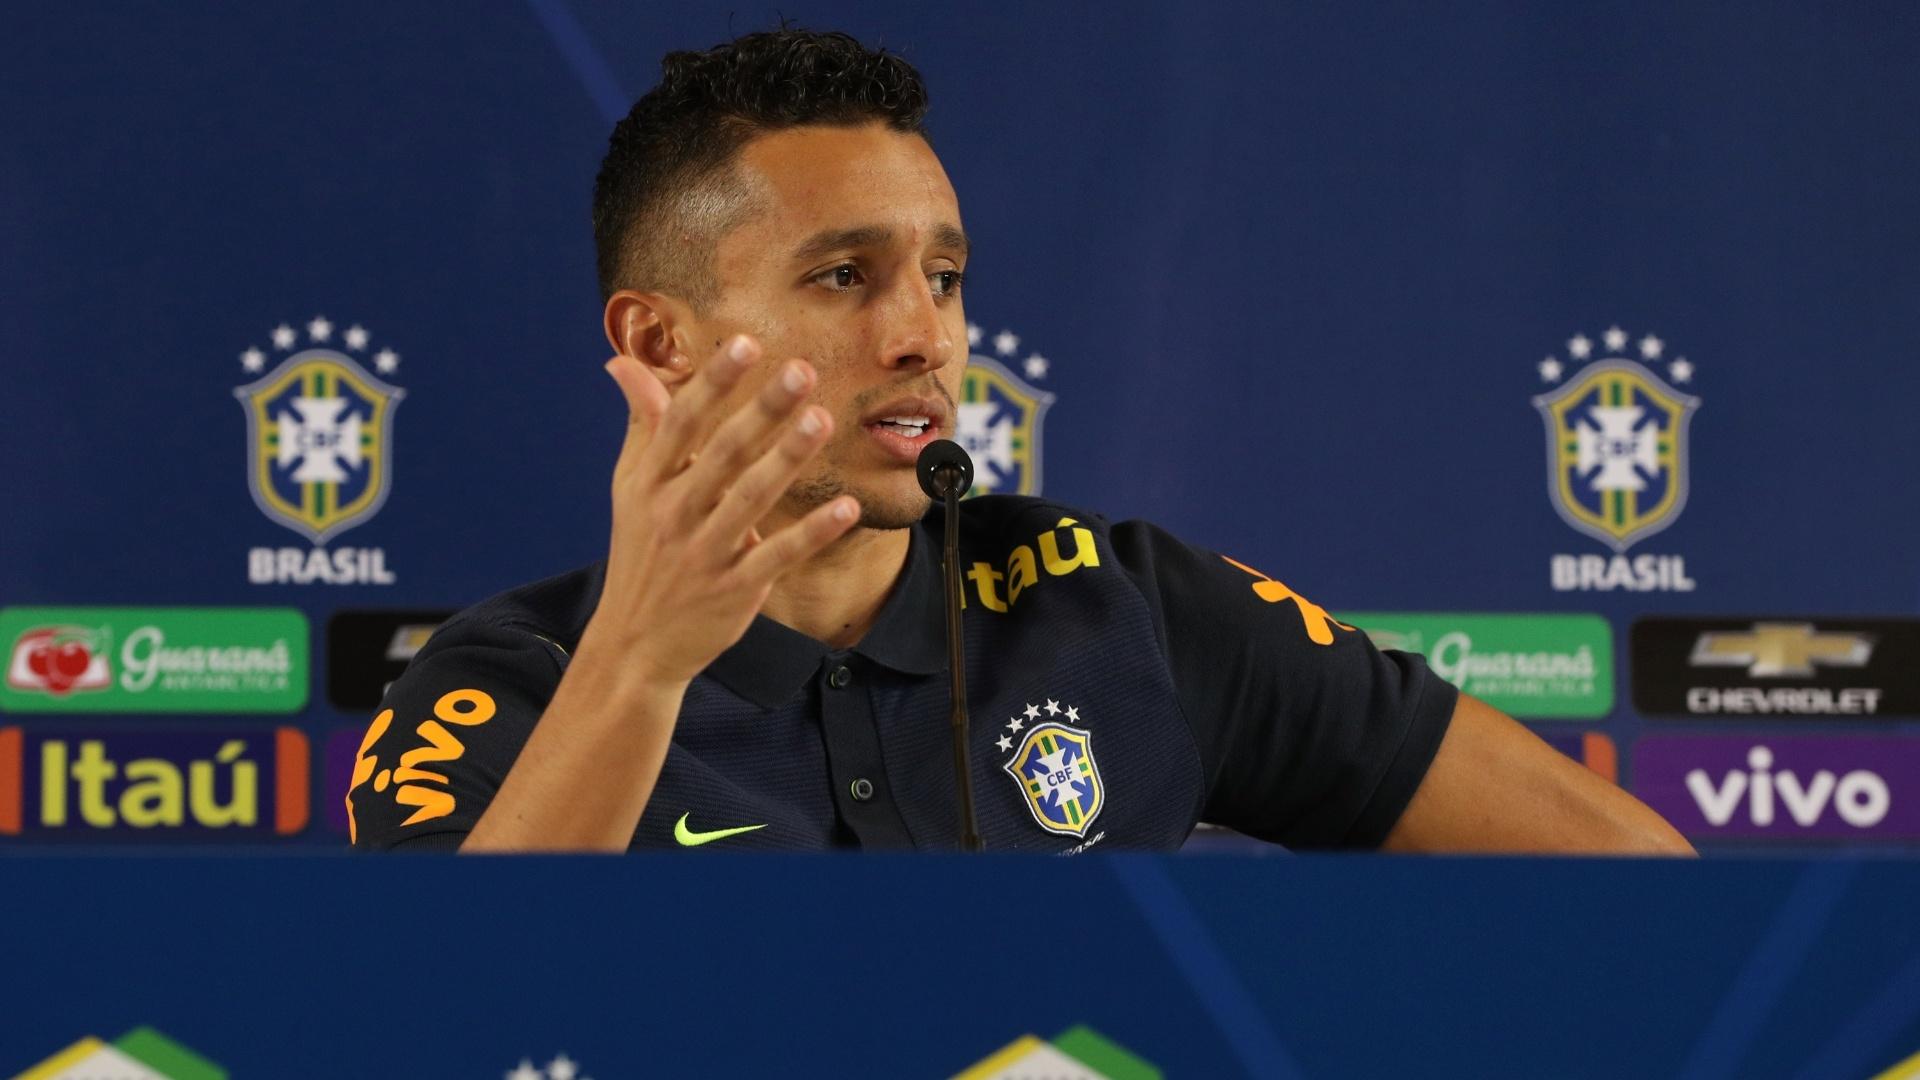 Marquinhos concedeu entrevista coletiva neste domingo na Arena Corinthians